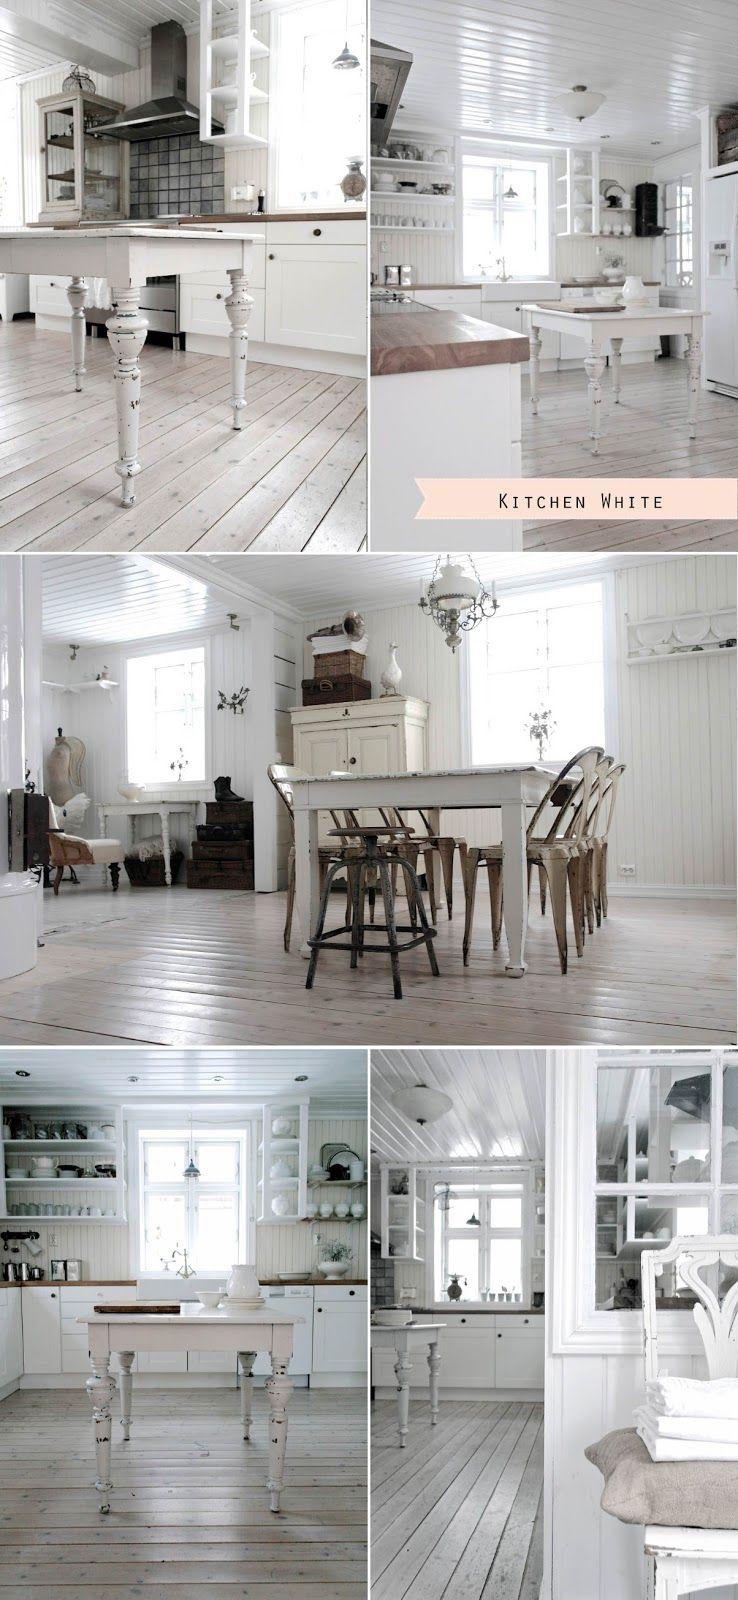 Shabby Chic Interiors Stile nordico vs Stile industriale